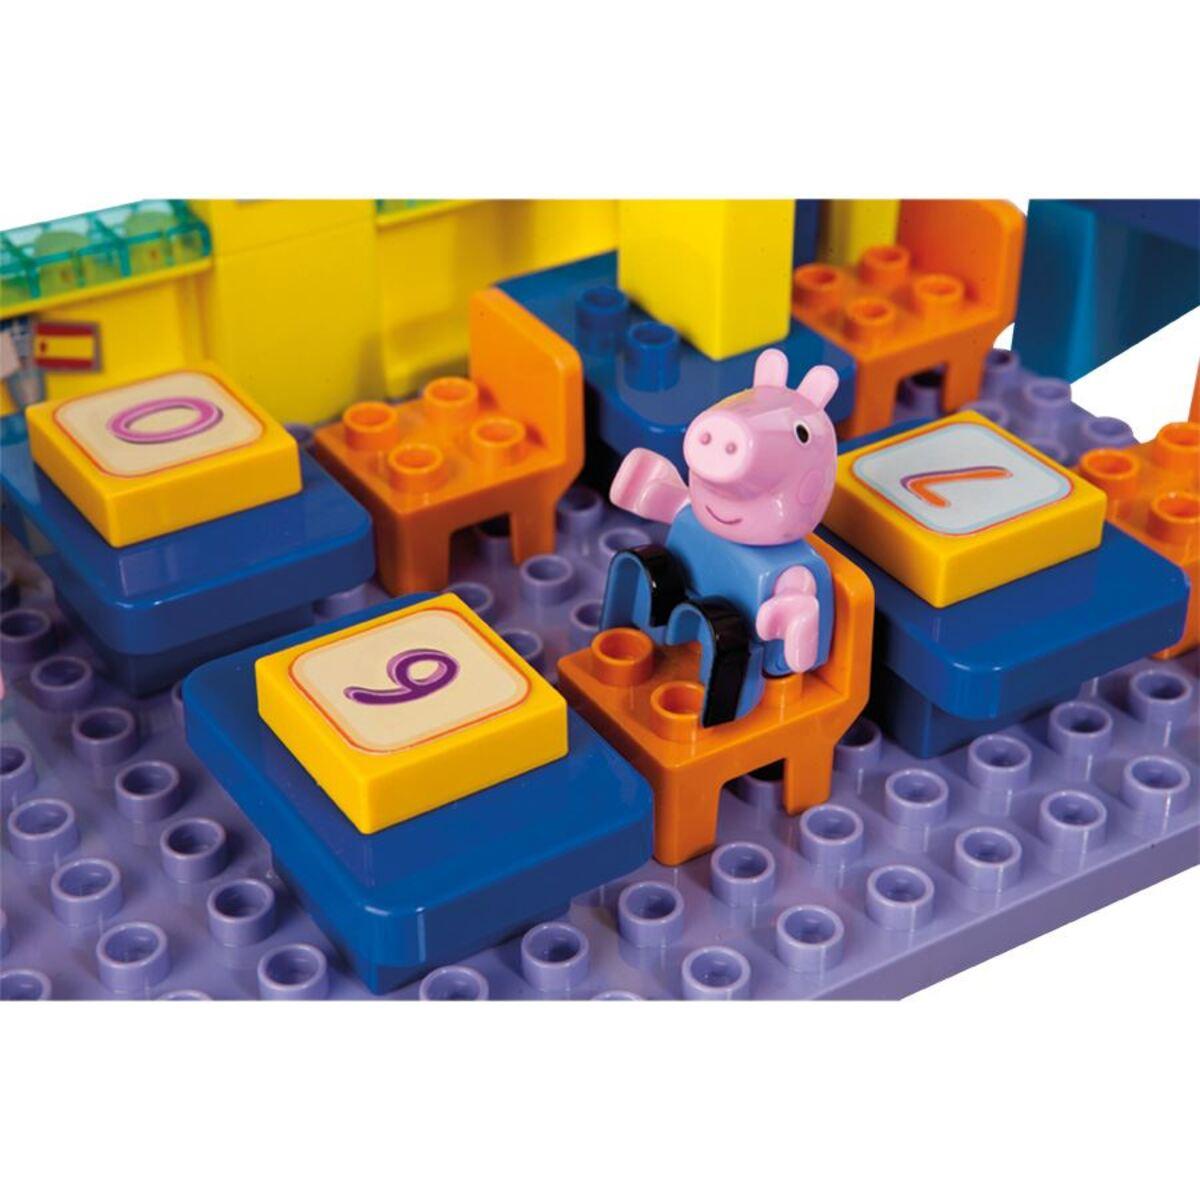 Bild 2 von BIG Bloxx Peppa Pig School Construction-Set 87-teilig